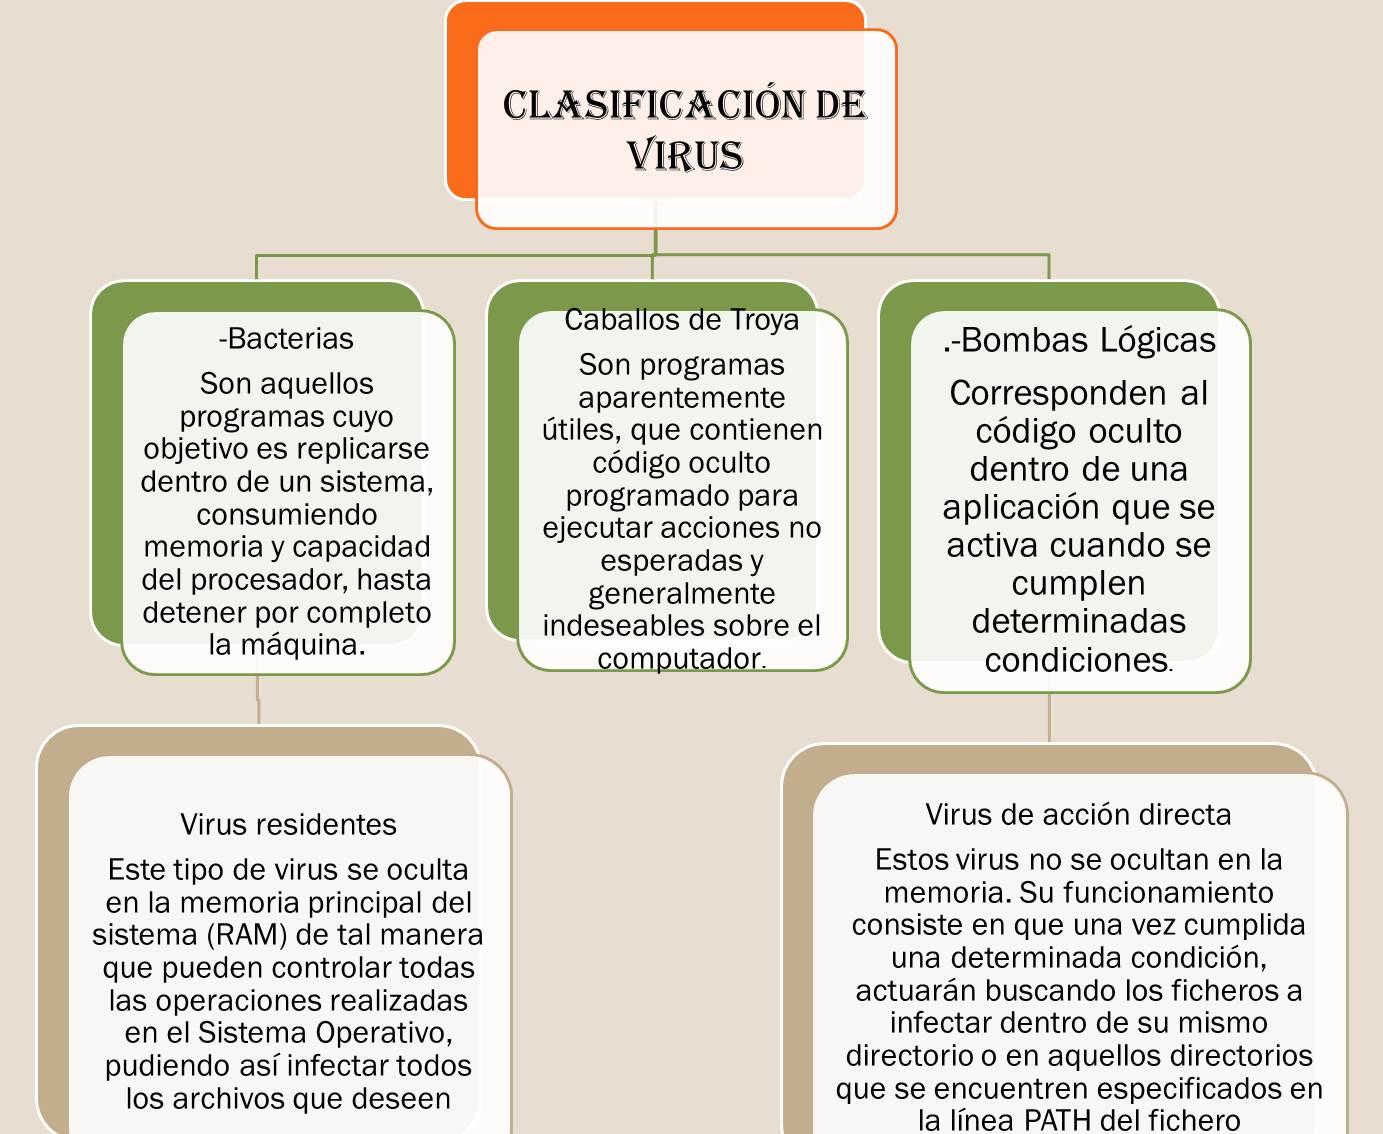 Seguridad informatica clasificaci n de virus for Como se cocinan los percebes